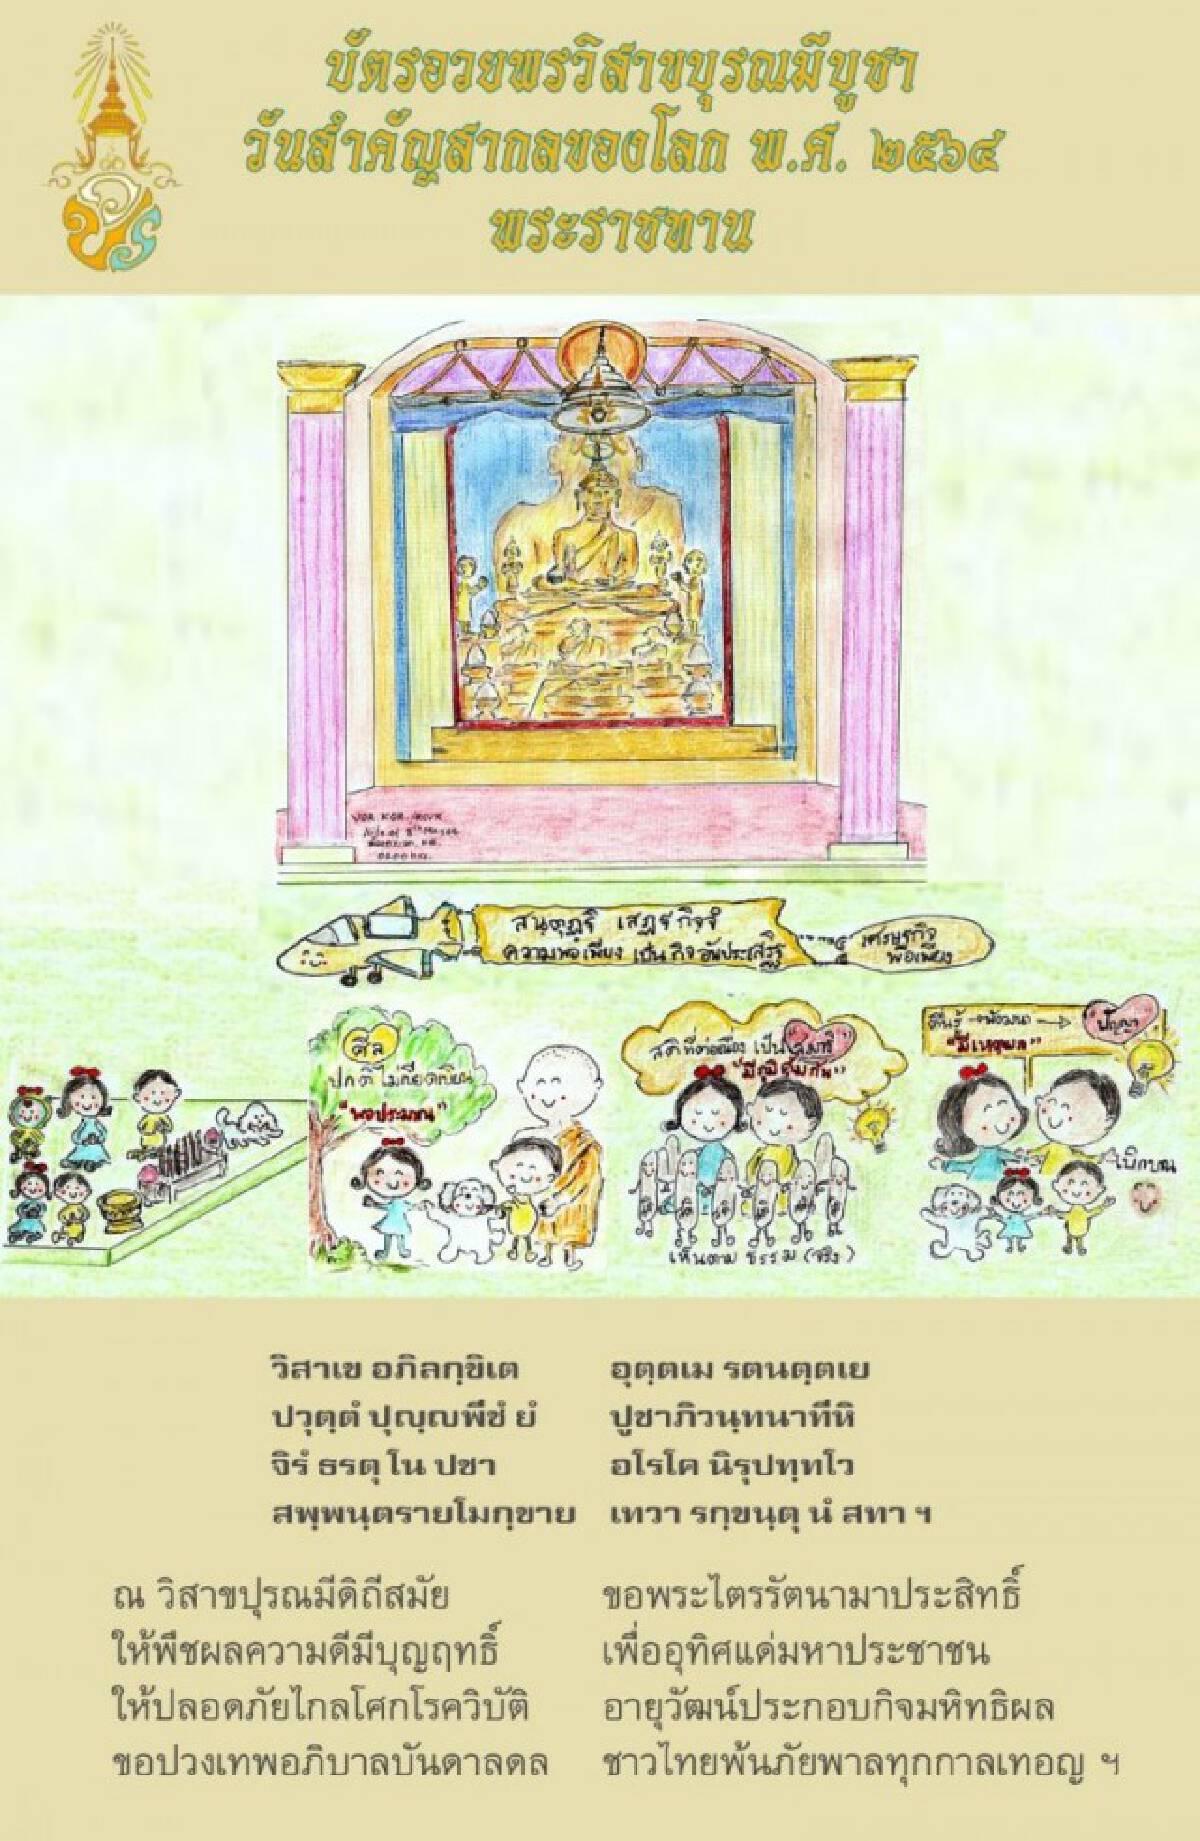 'ในหลวง' พระราชทาน 'บัตรอวยพรวิสาขบุรณมีบูชา วันสำคัญสากลของโลก พ.ศ. 2564 พระราชทาน'